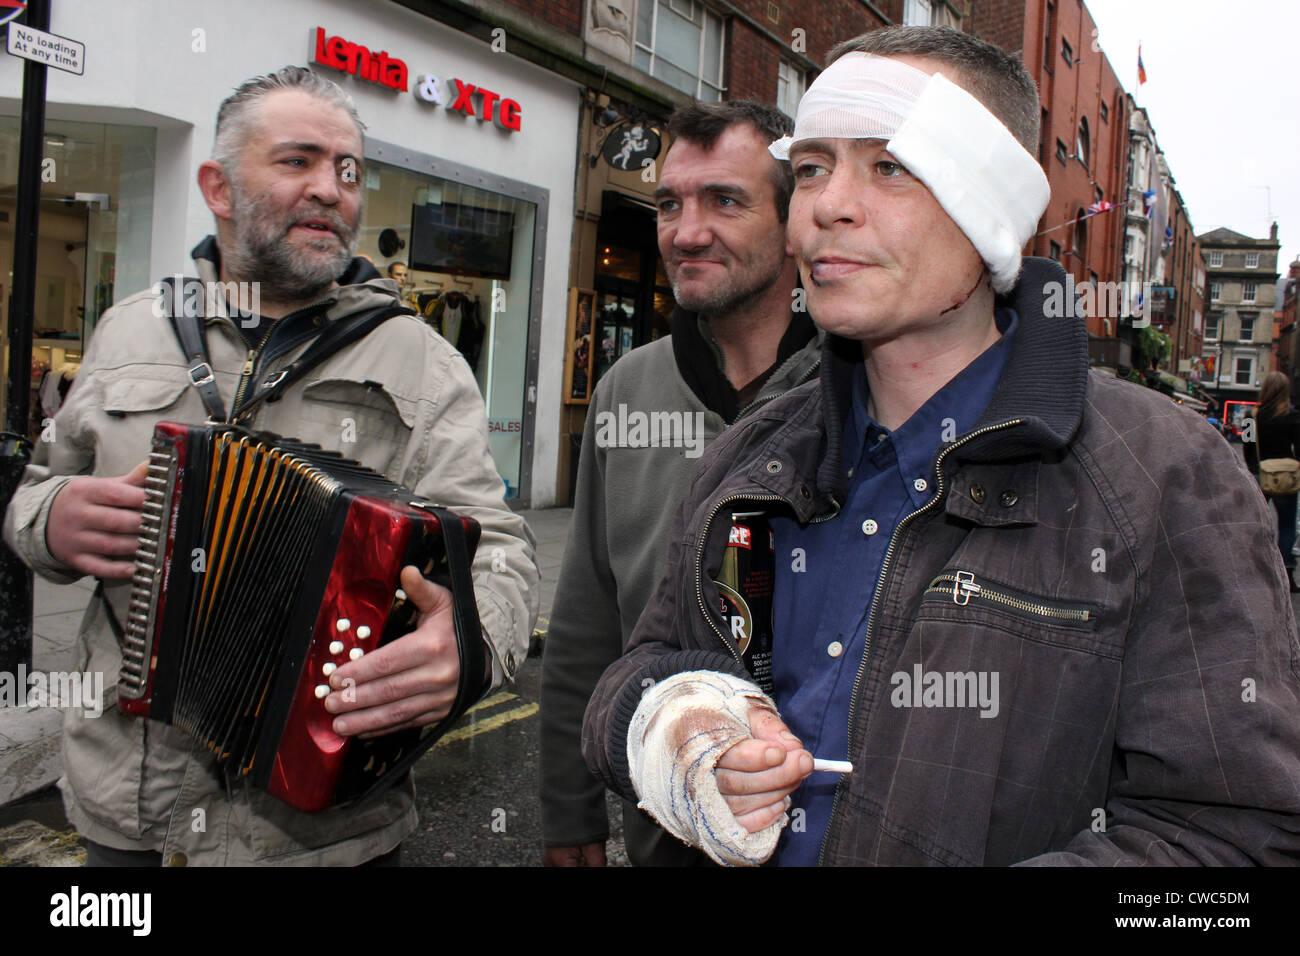 Groupe d'hommes sans abri ensemble en jouant de la musique de rue Photo Stock